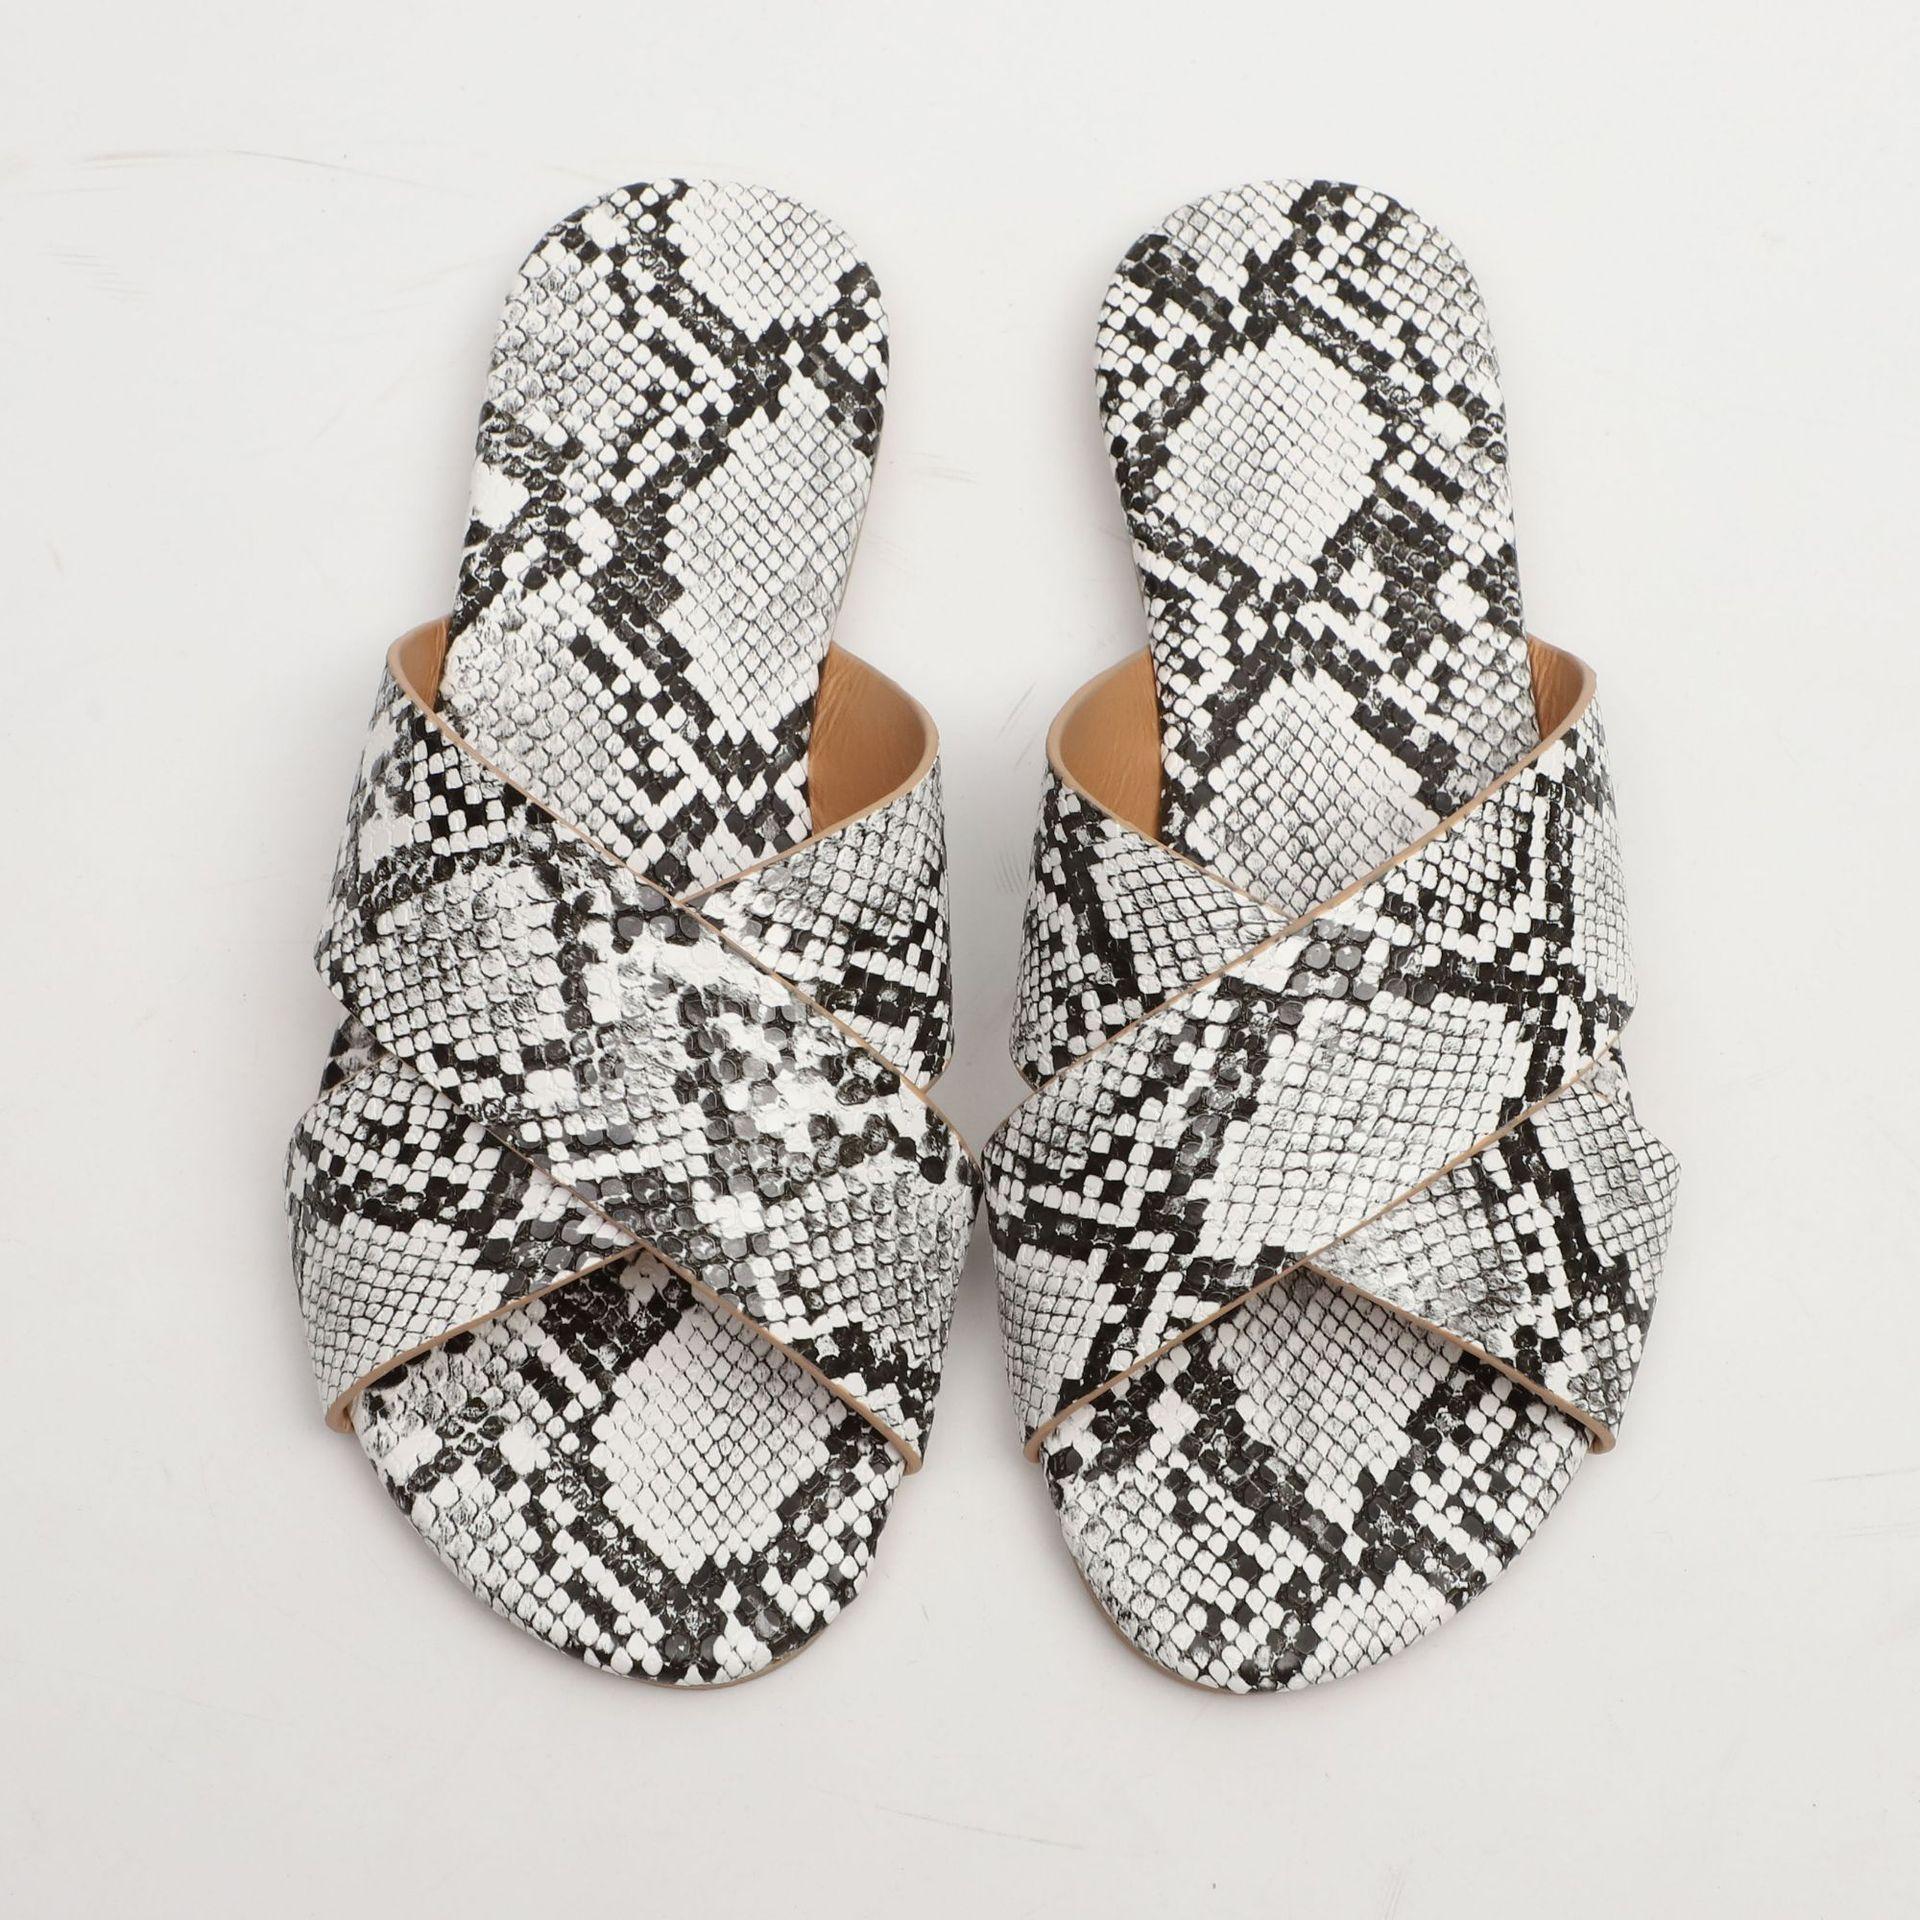 kutu sıcak marka Erkekler Plaj Slide Sandalet Yılan Modeli 2017 Terlik beyaz Plaj Moda tasarımcısı sandalet 36-42'de slip-on ile